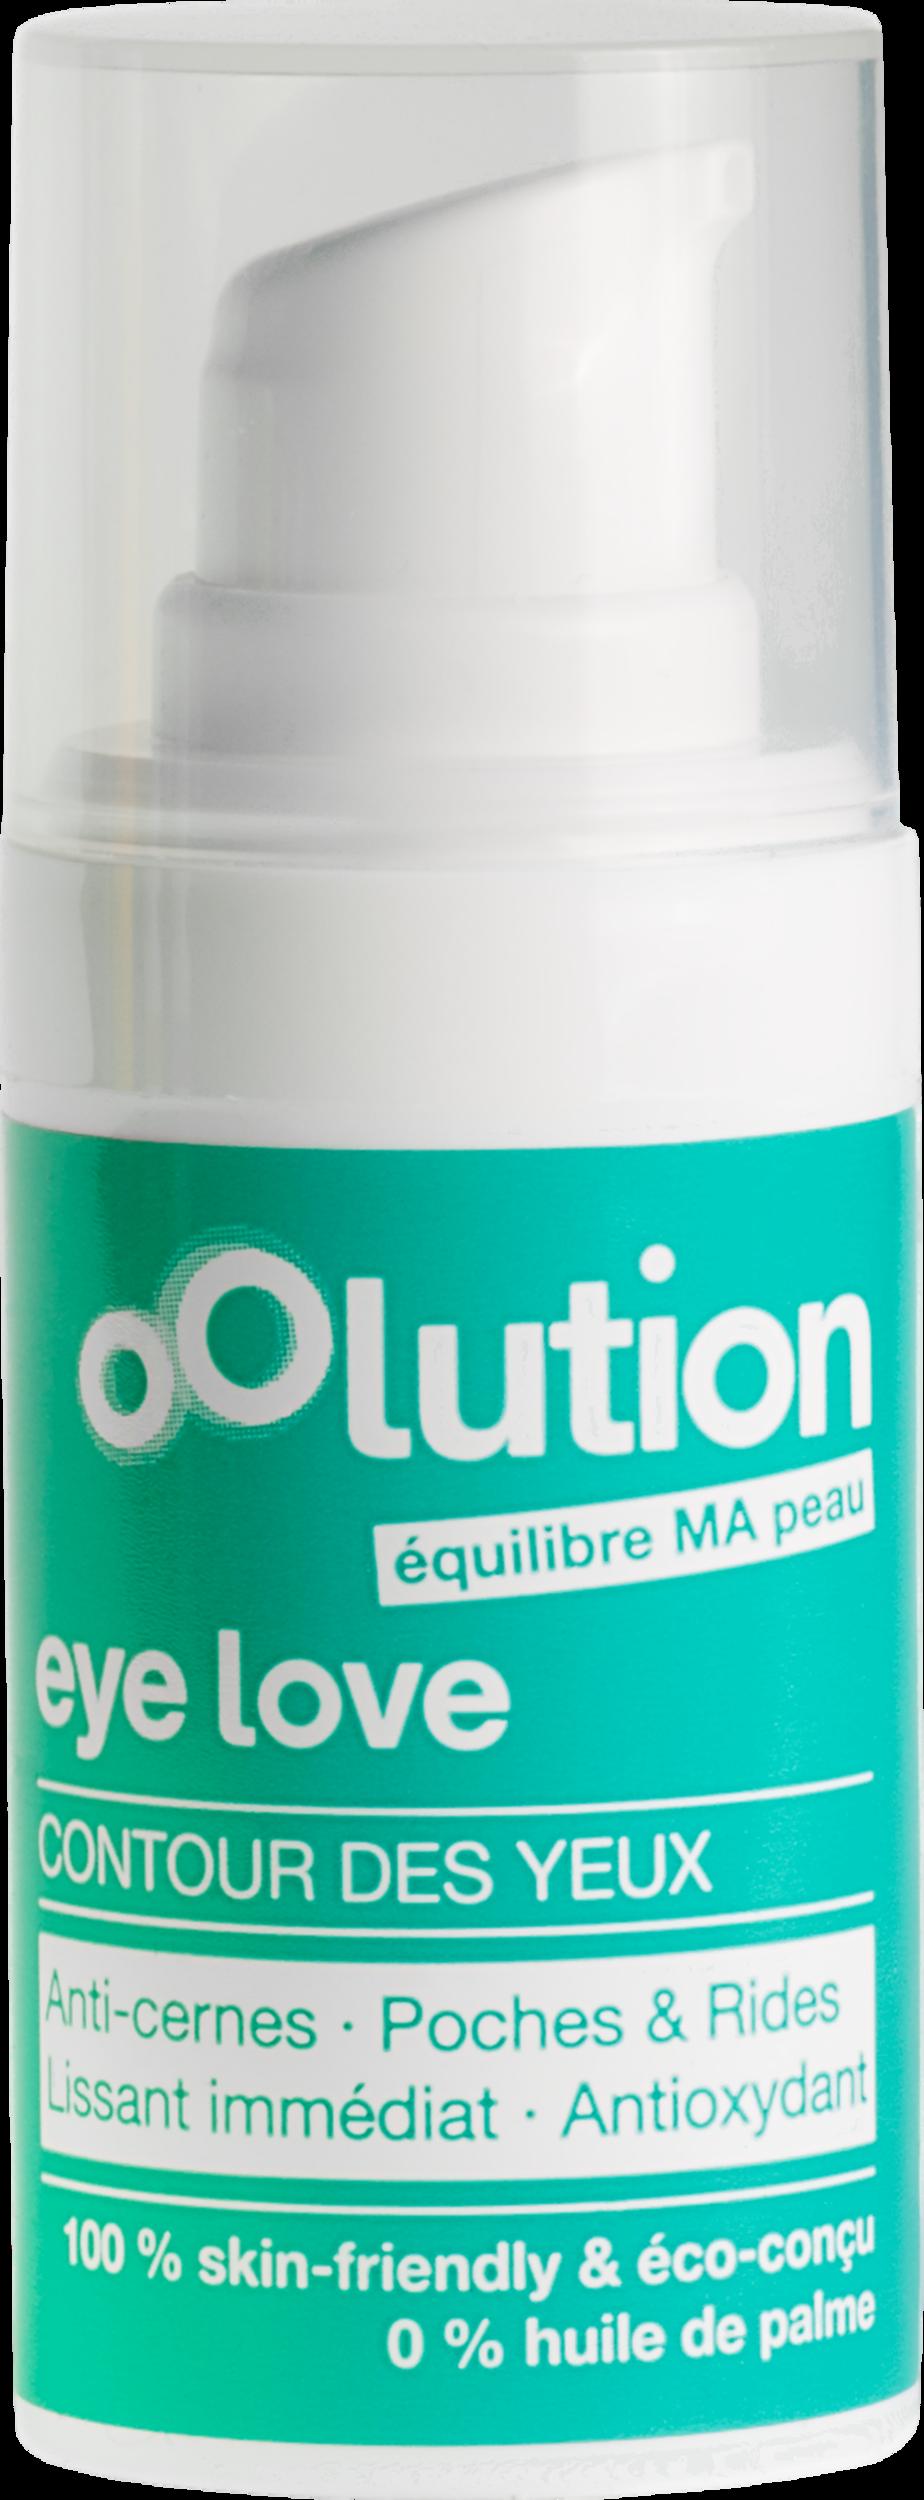 Doux Good - Oolution - Eye love - crème contour des yeux anti-rides et anti-cernes